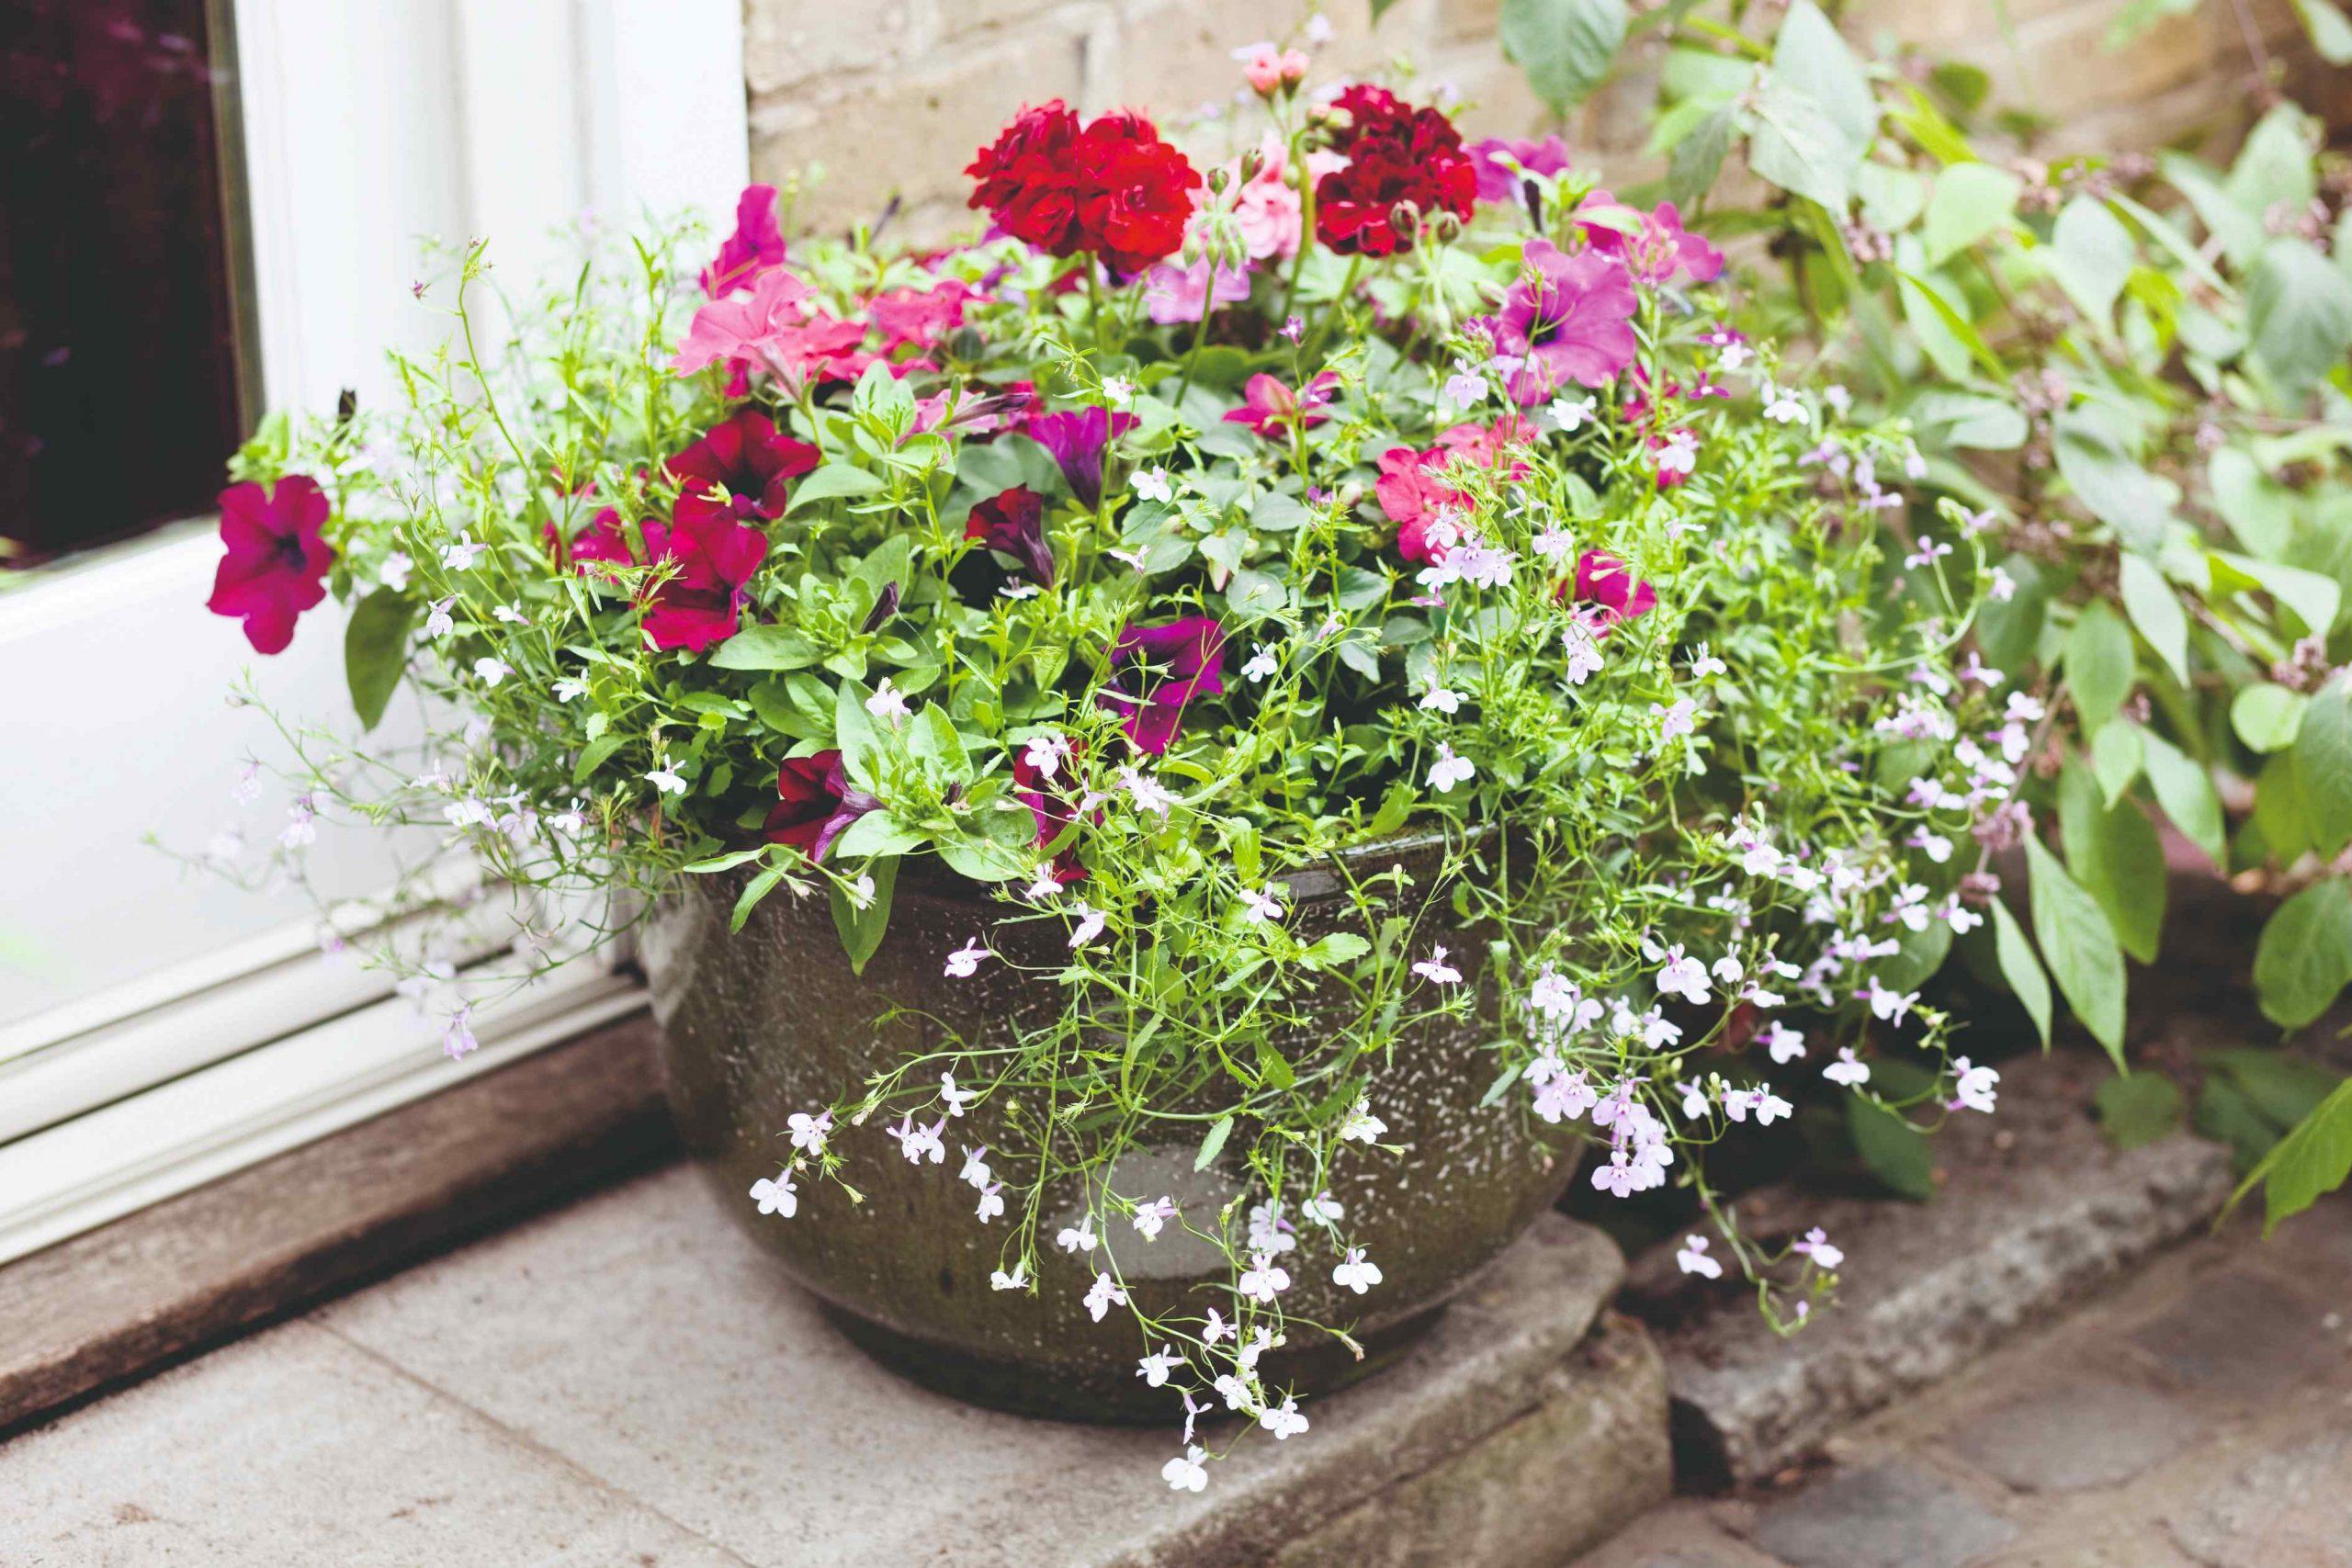 Kvetináč s petúniami a bielymi kvietkami